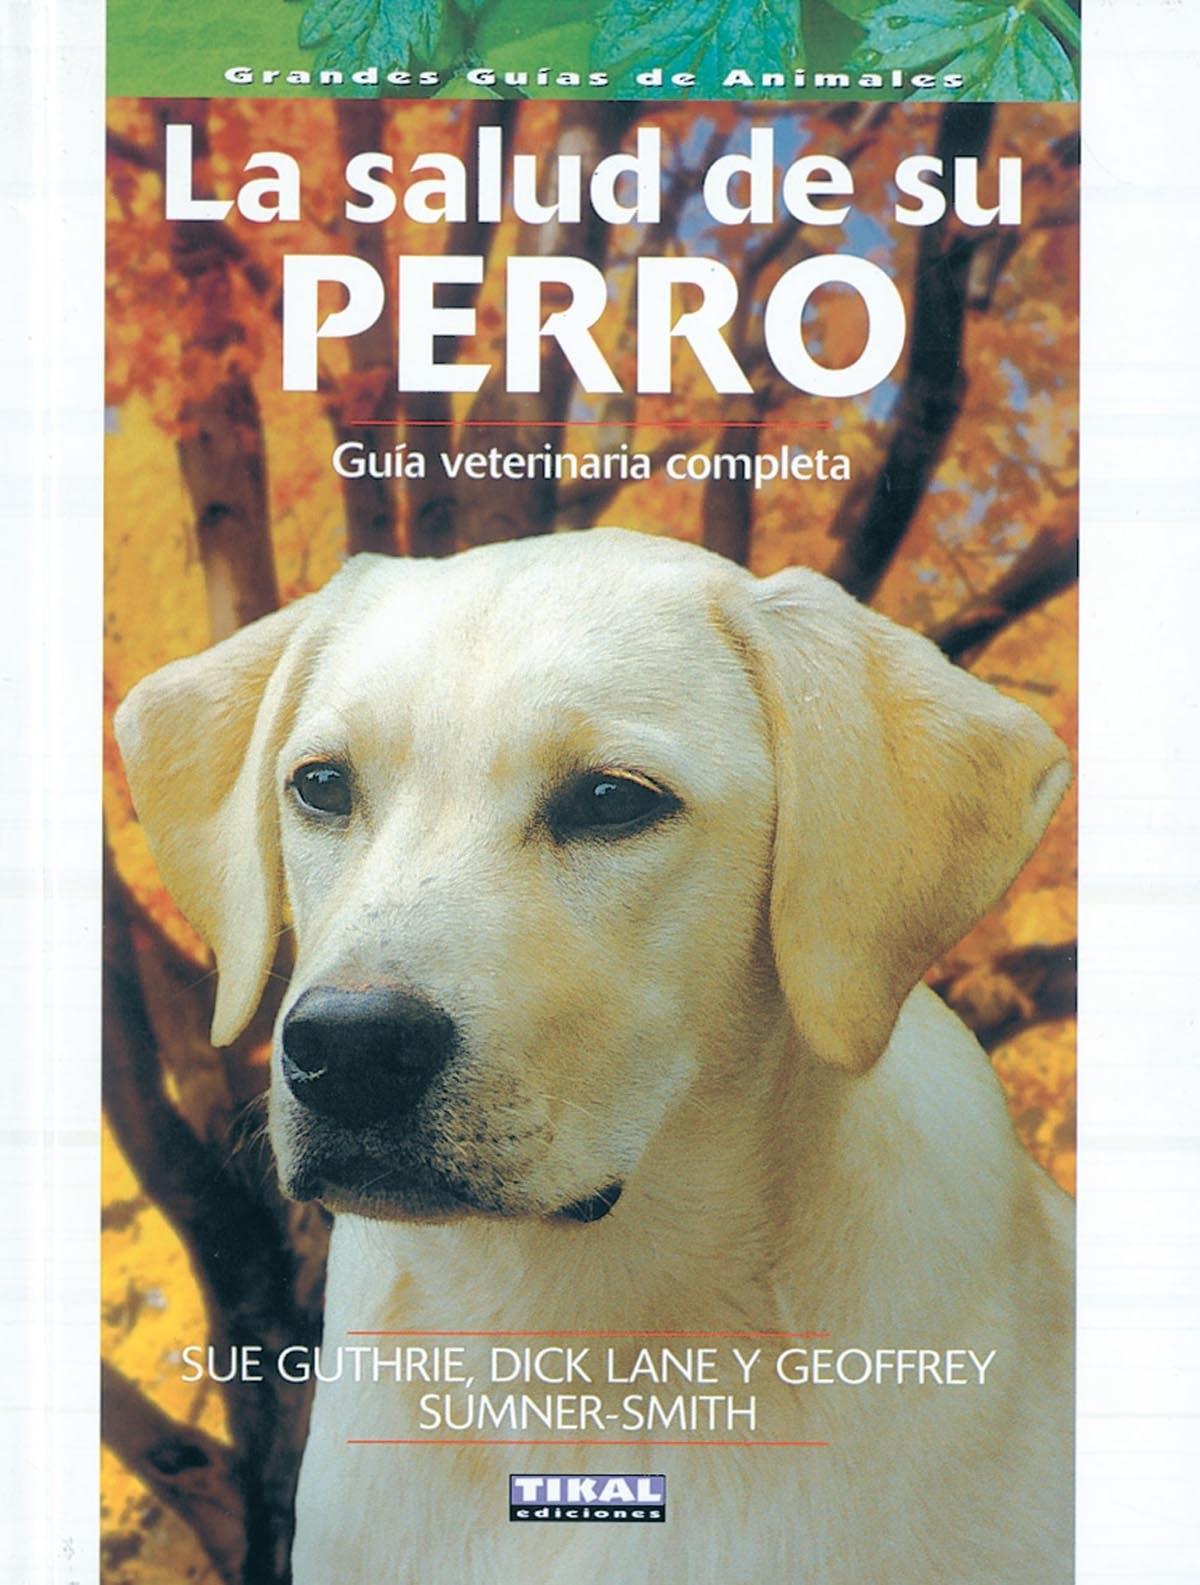 La salud de su perro, gu¡a veterinaria completa 9788430553471